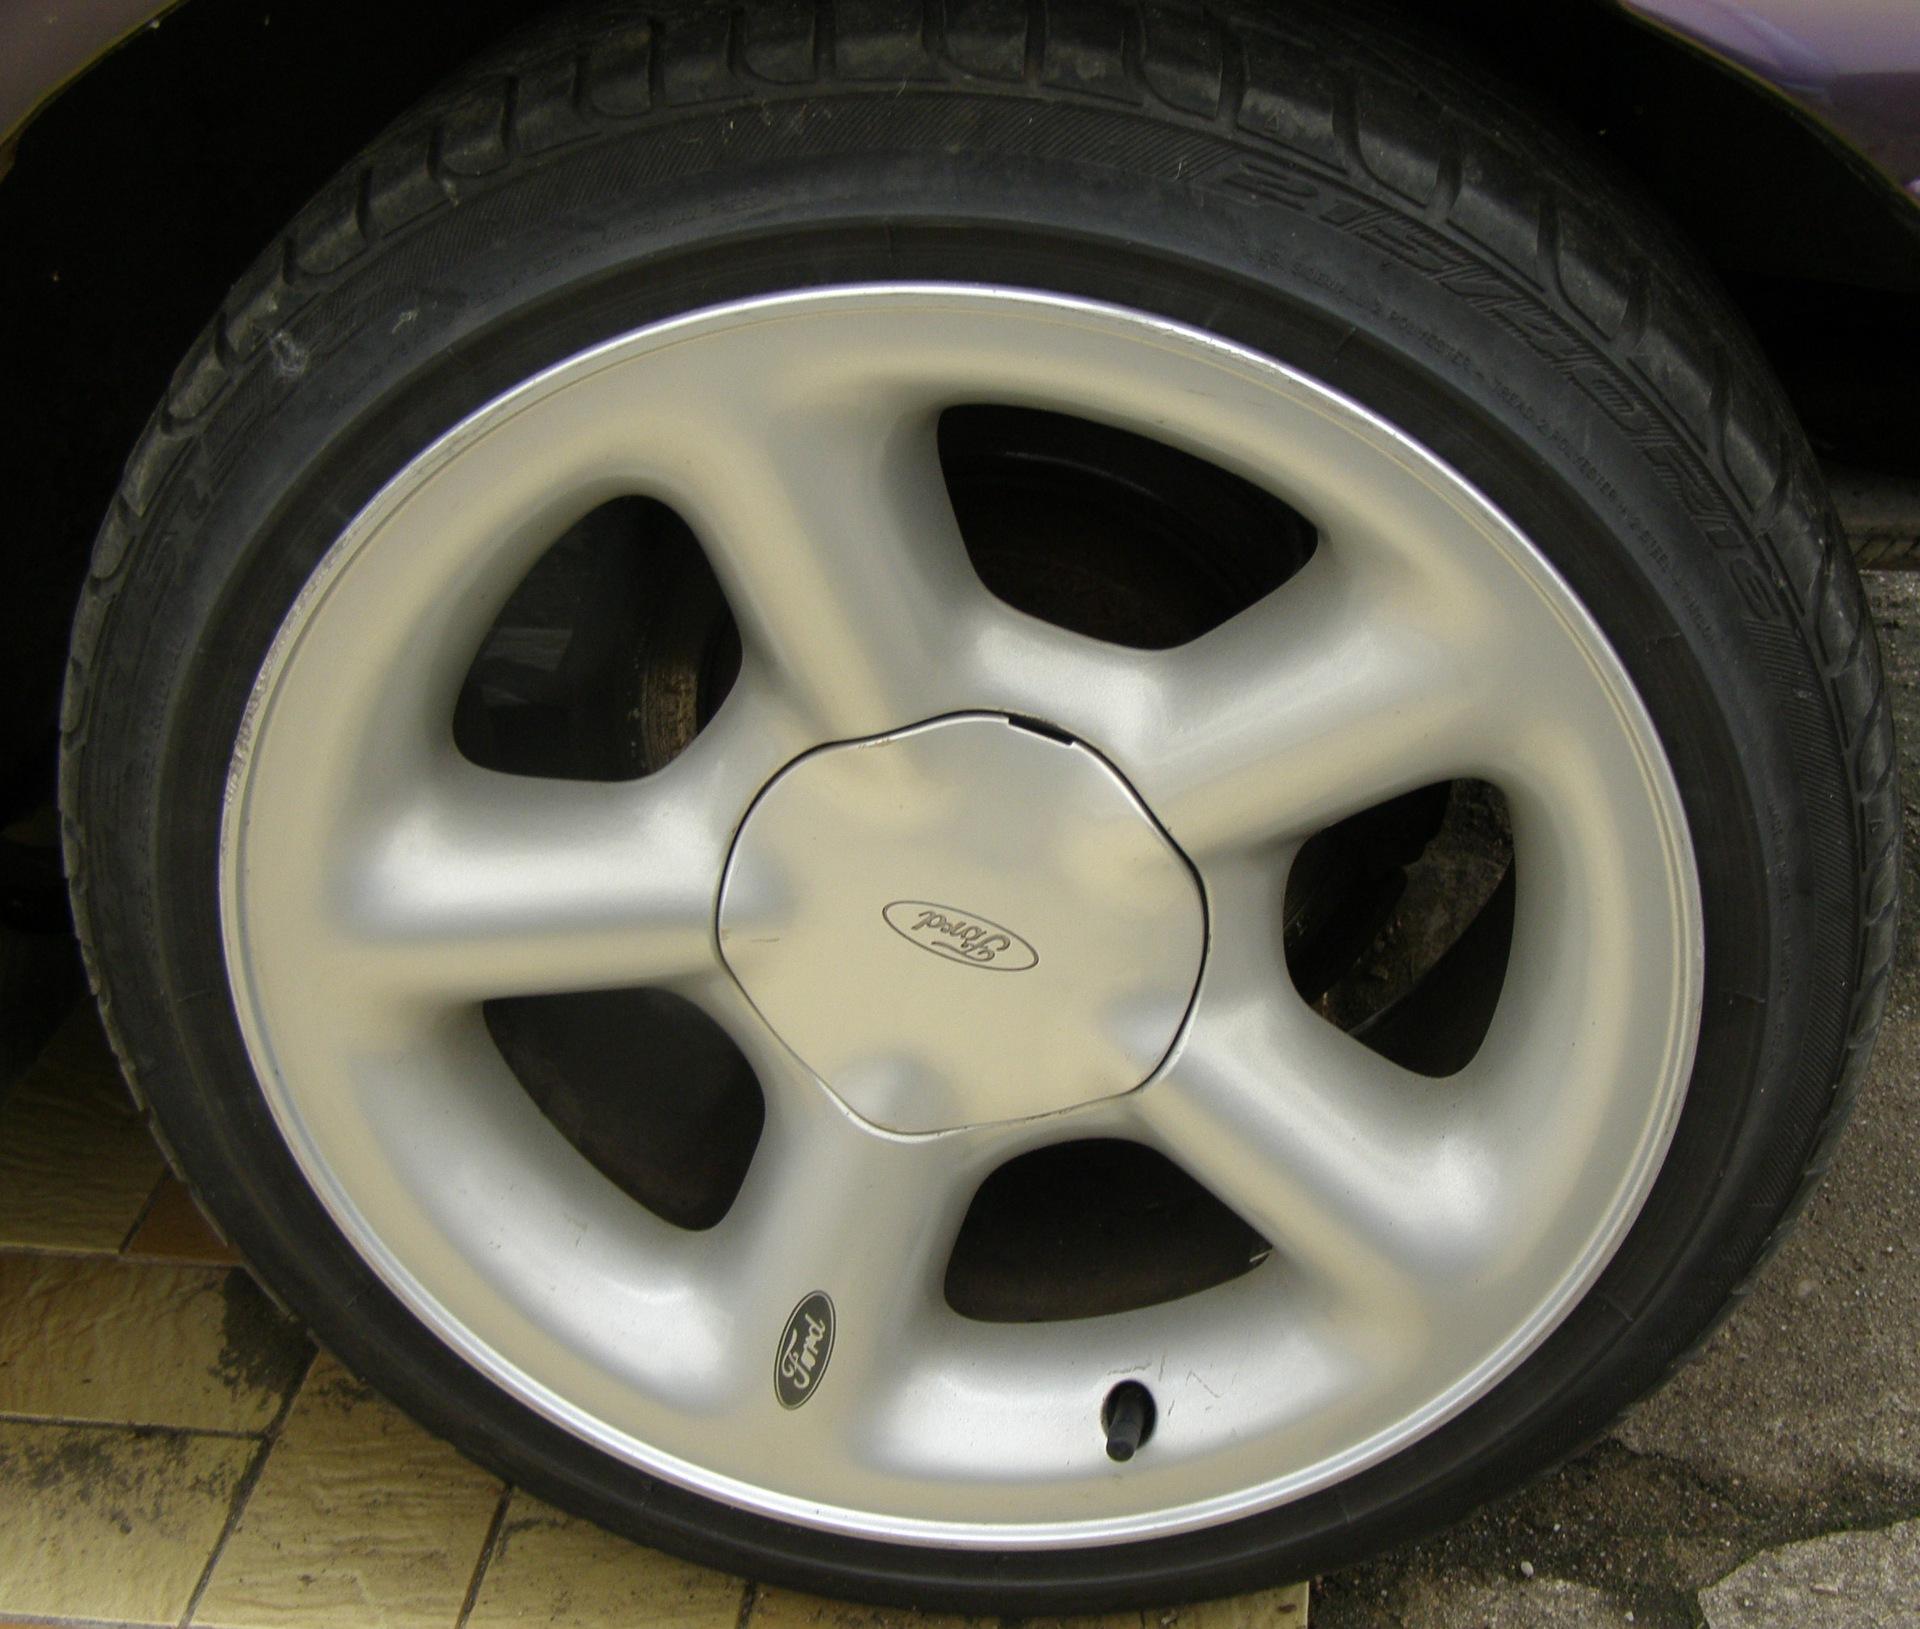 Ford Puma 1 7 Camshafts: Ford Puma, 1.7 л., 1999 года на DRIVE2